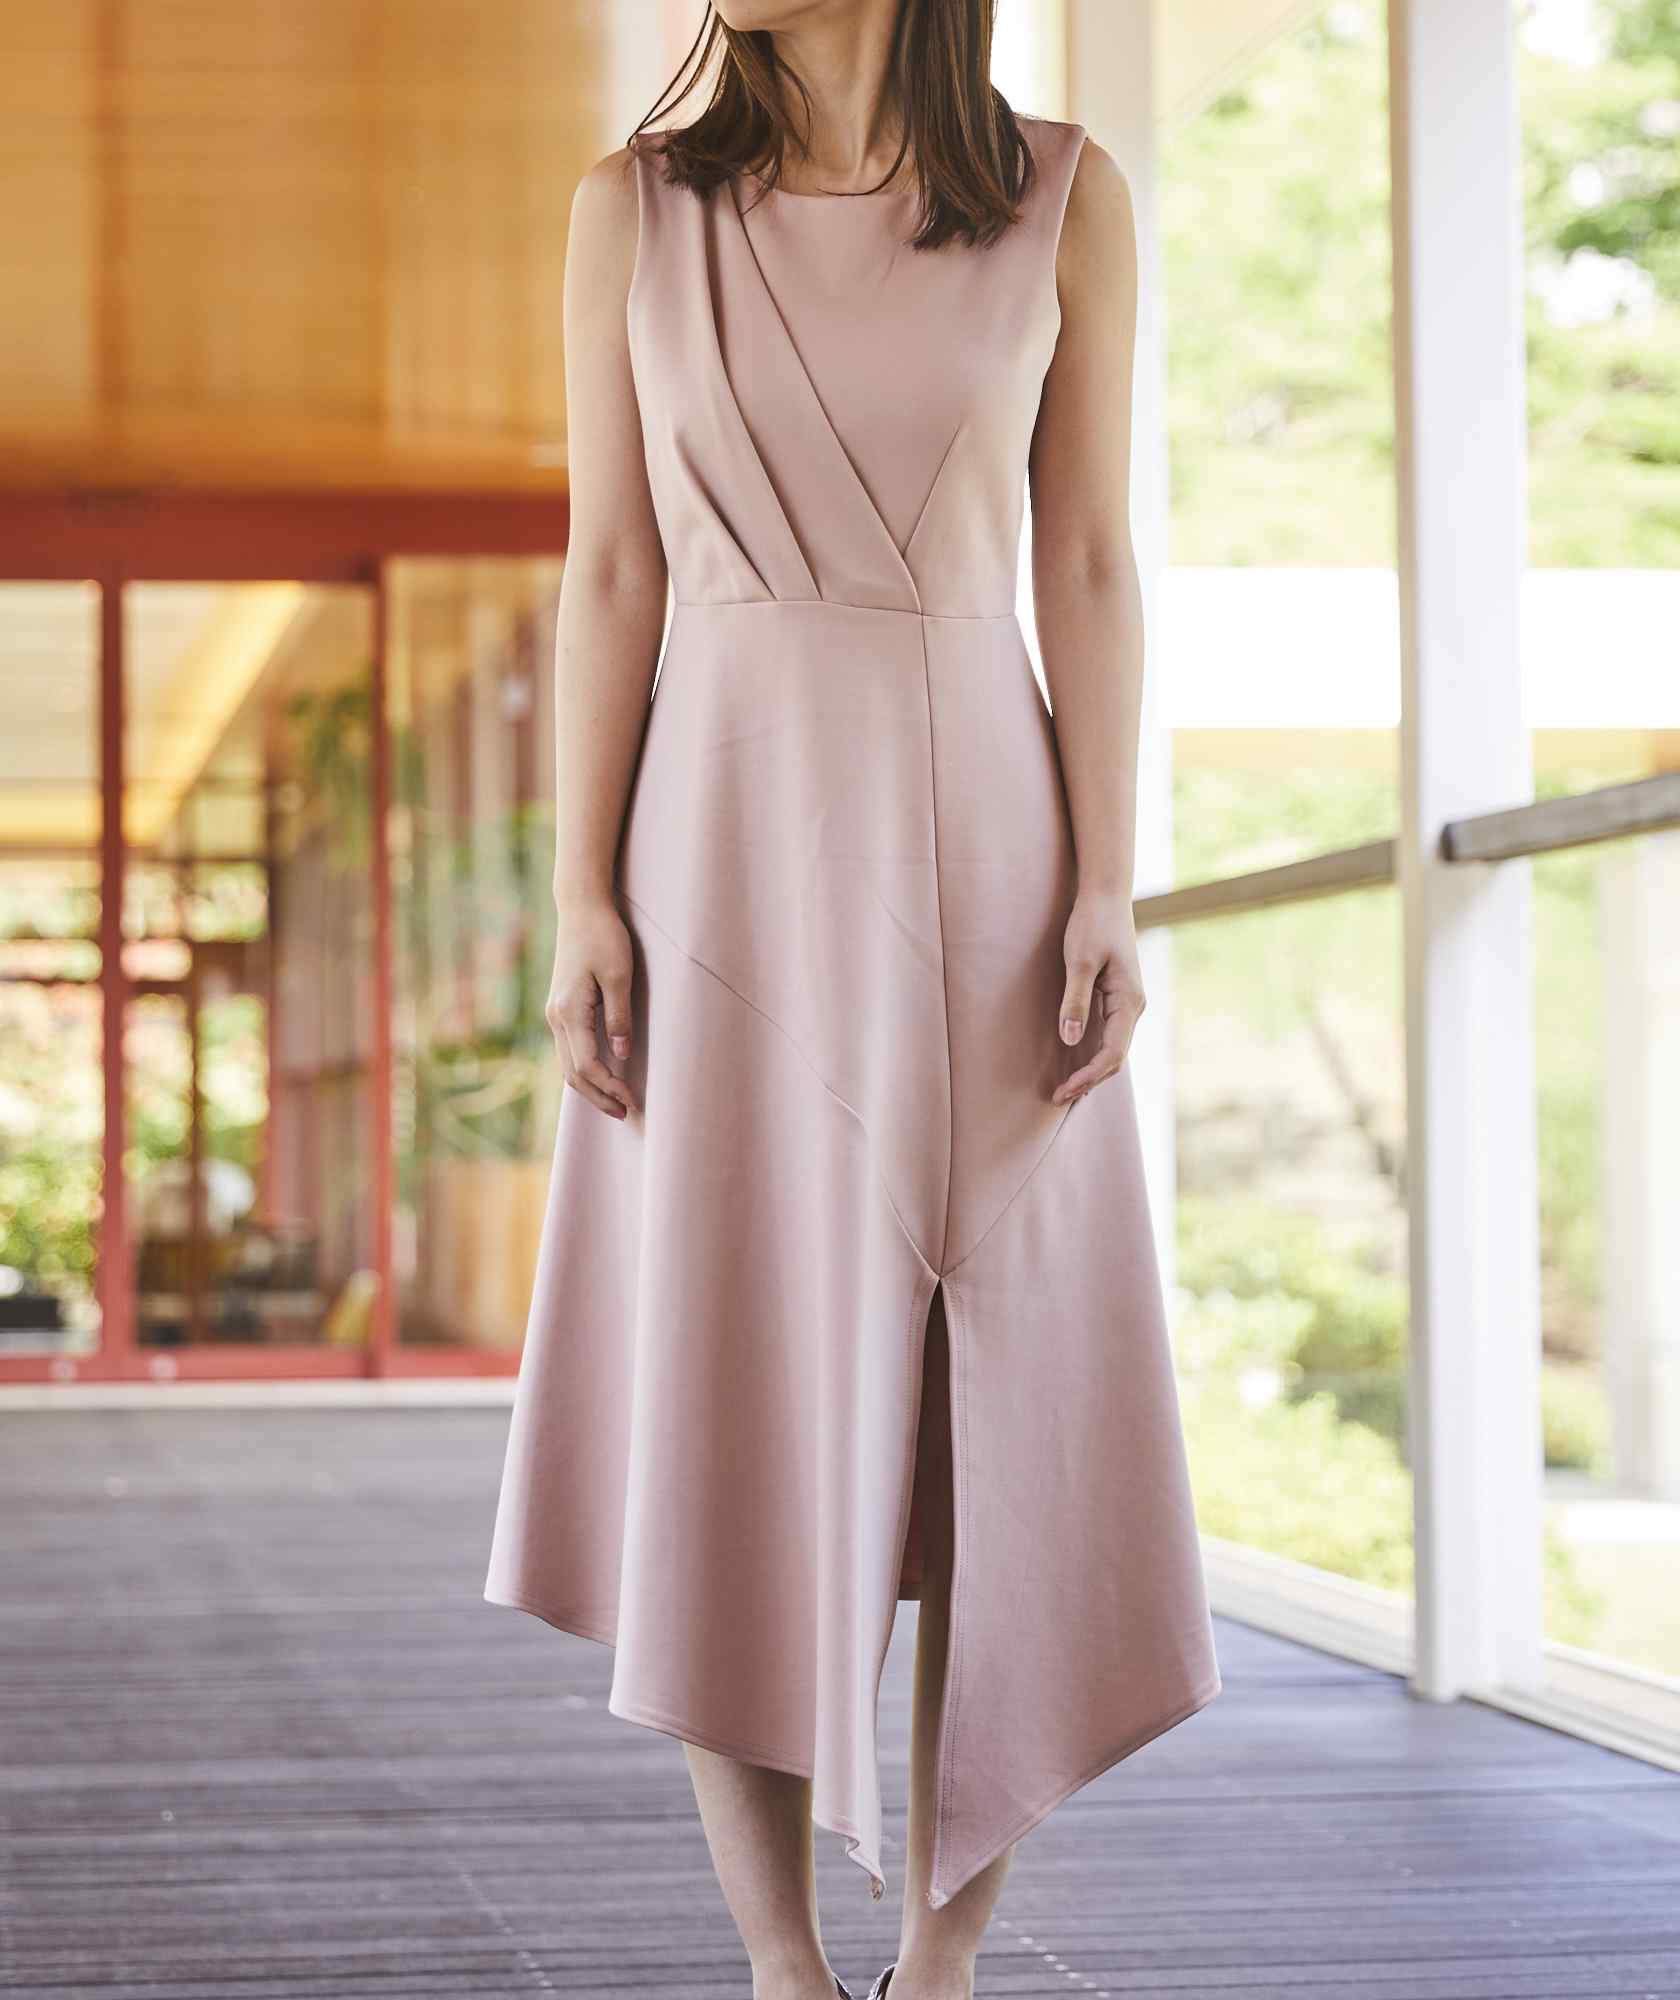 クルースリーブレスジャージーアシンメトリーミディアムドレス-ピンク-S-M